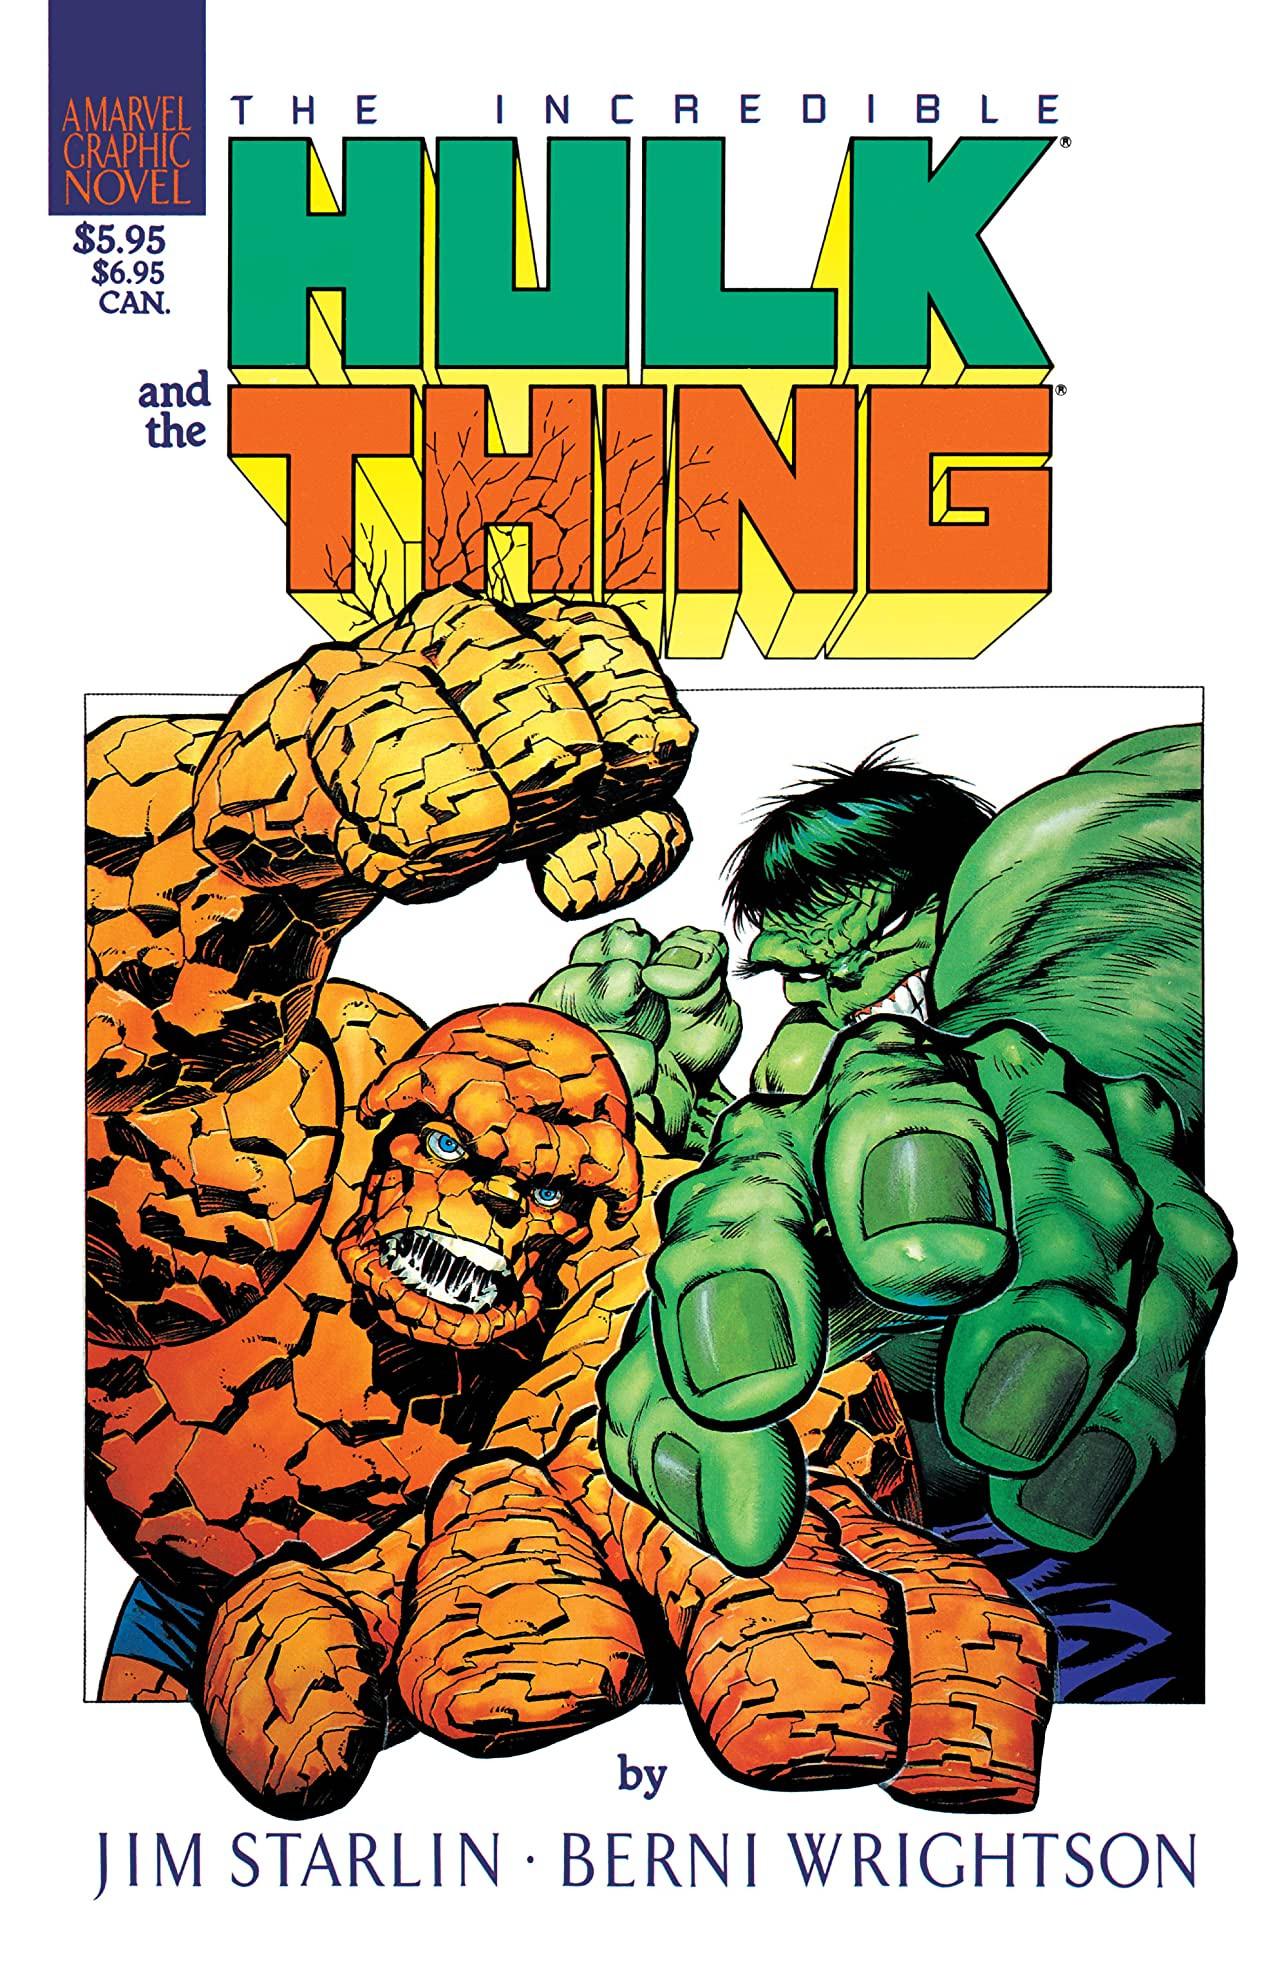 Marvel Graphic Novel: The Big Change Vol 1 1